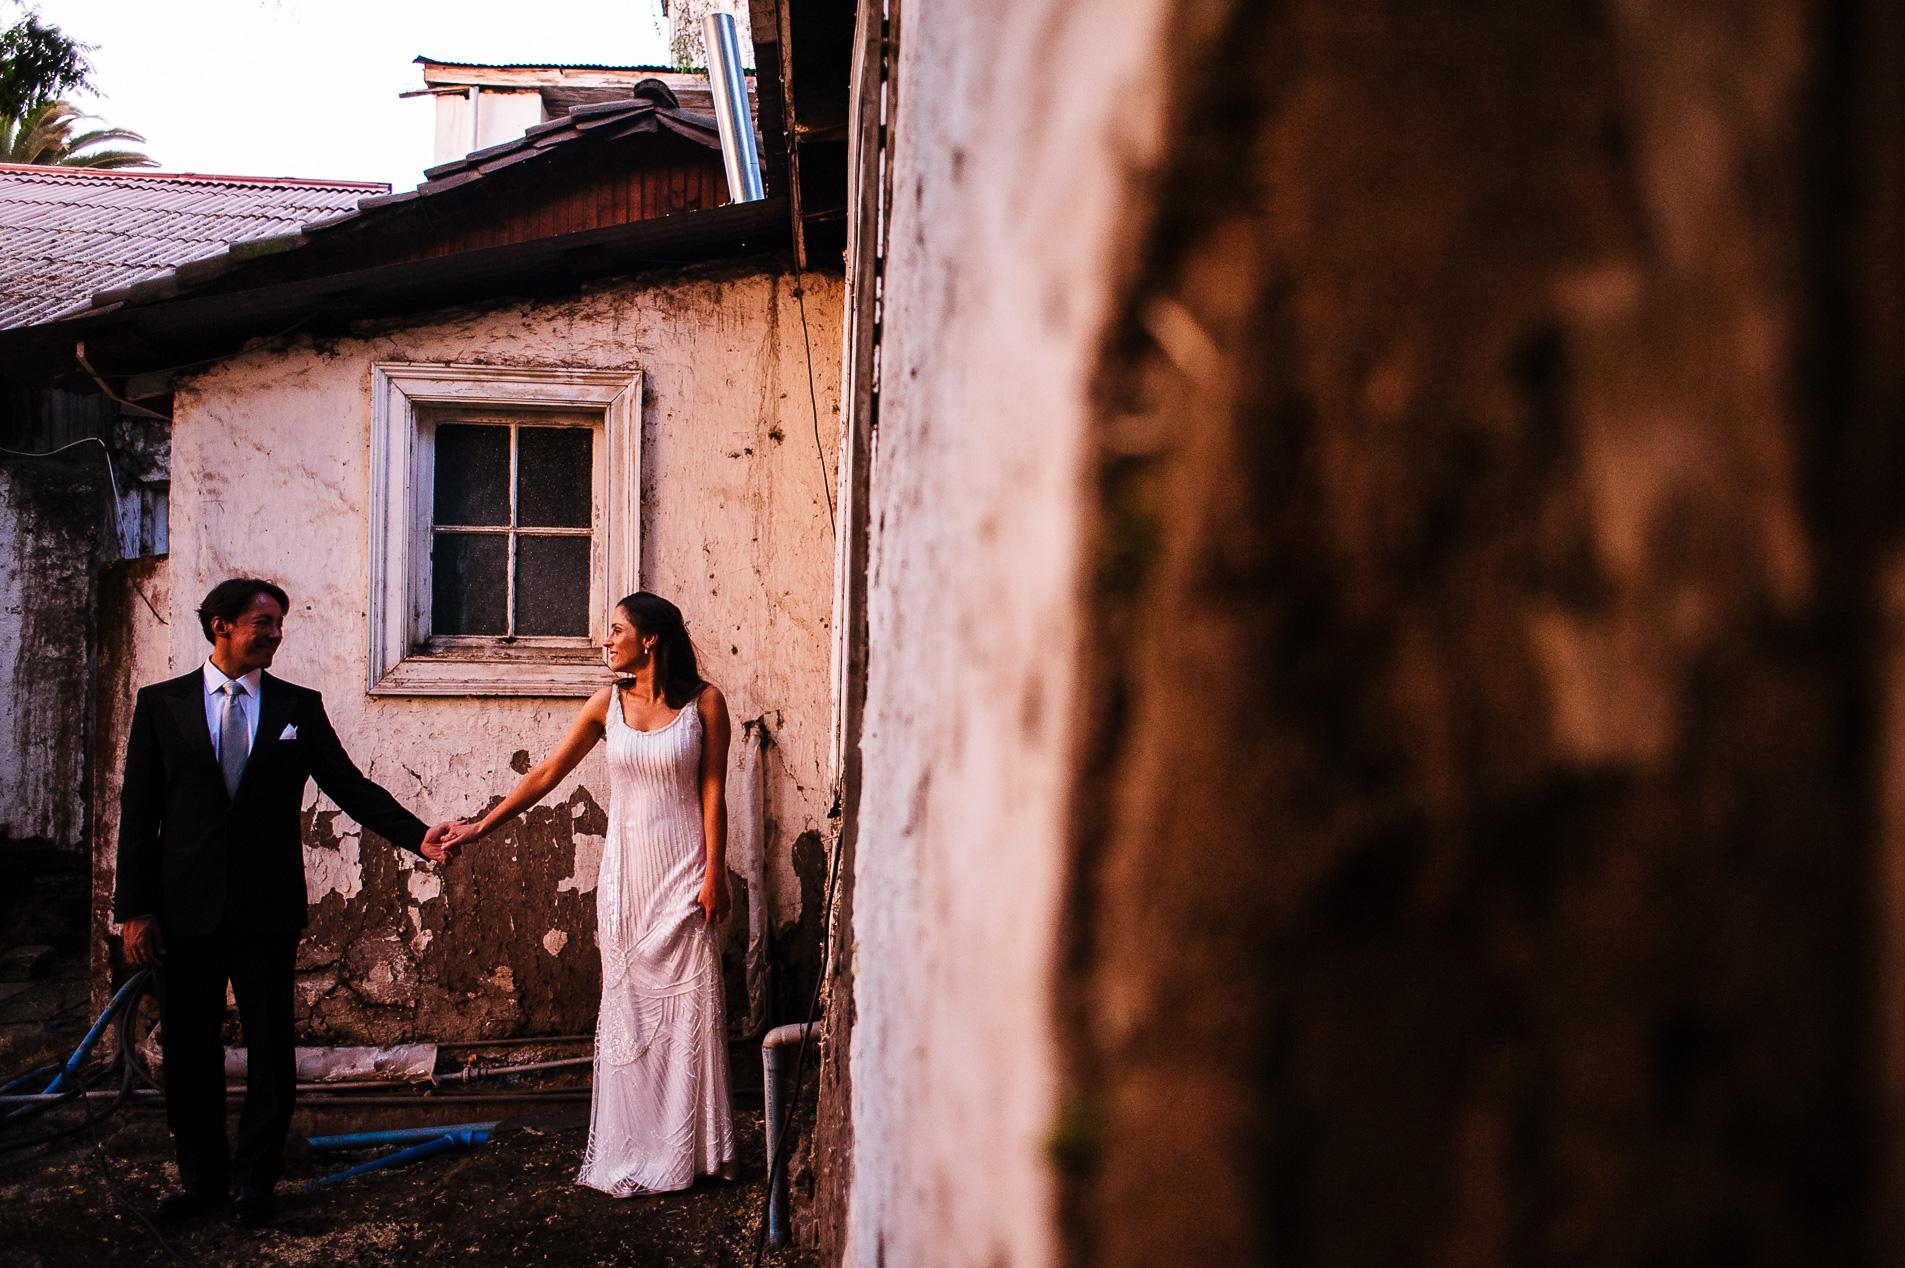 matrimonio-casona-reina-sur-33